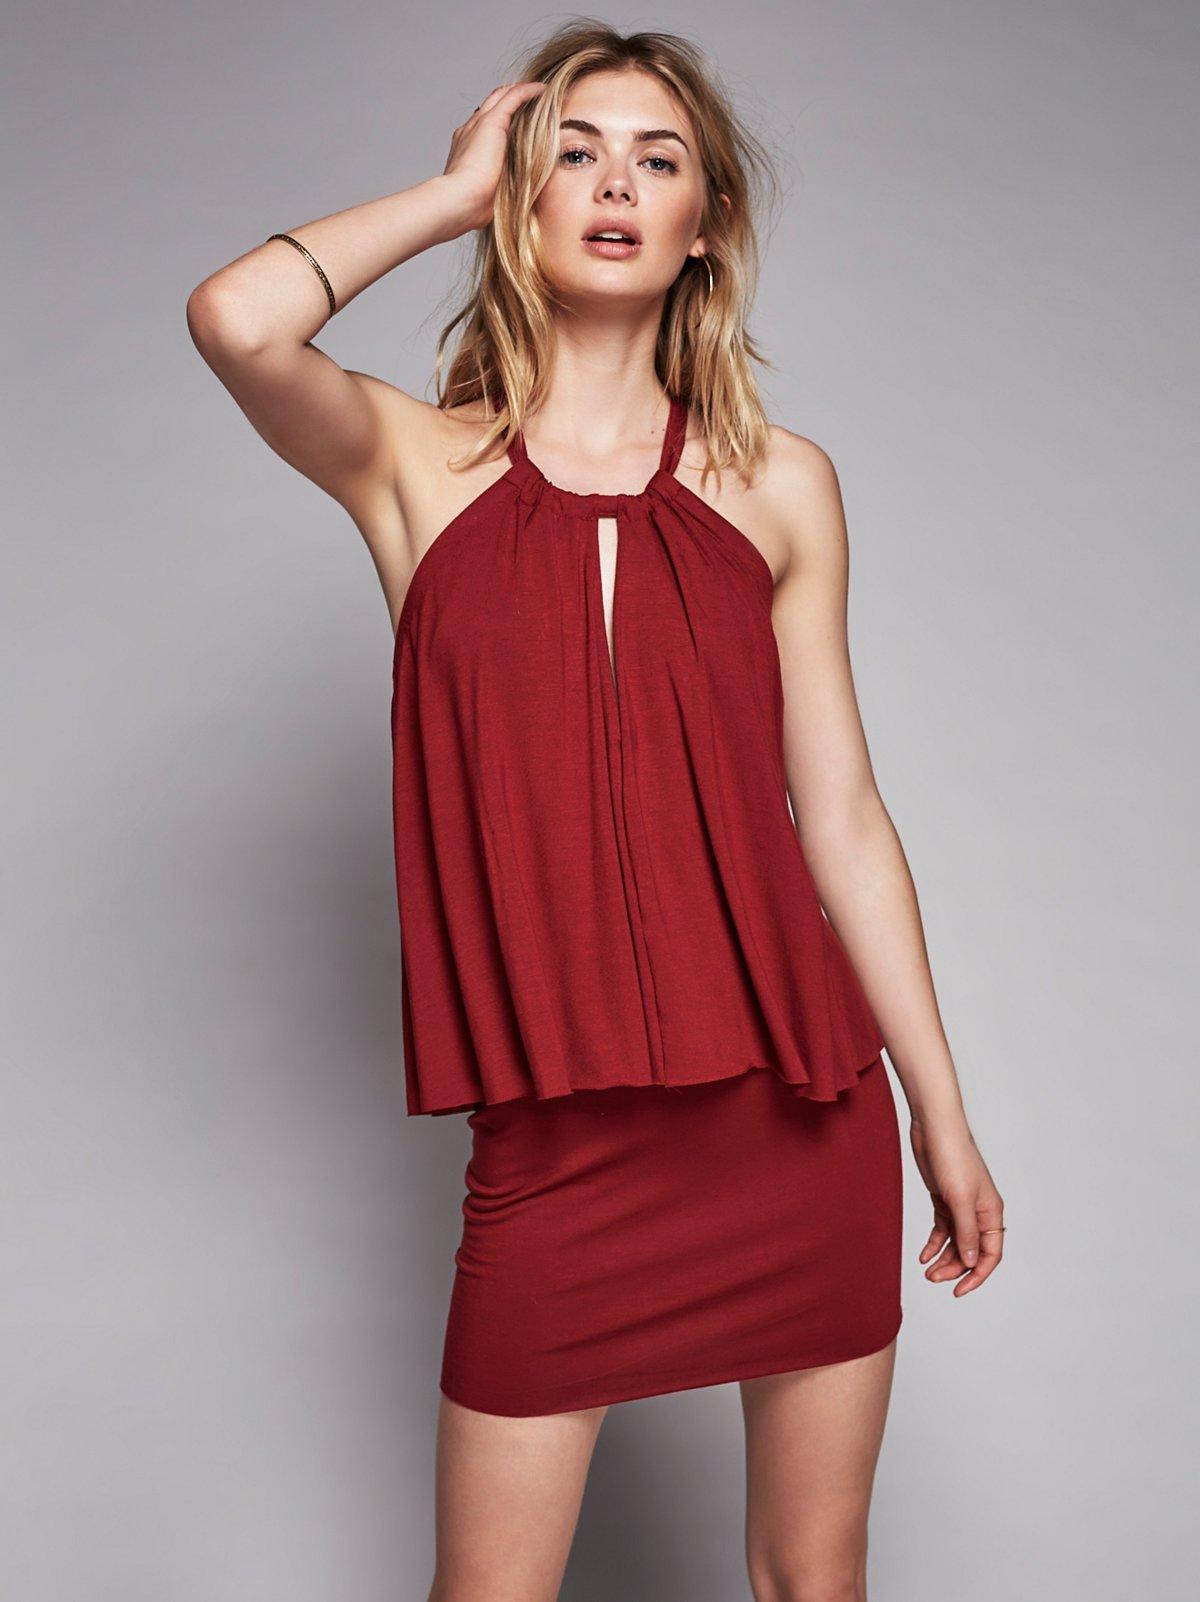 Rachel连衣裙